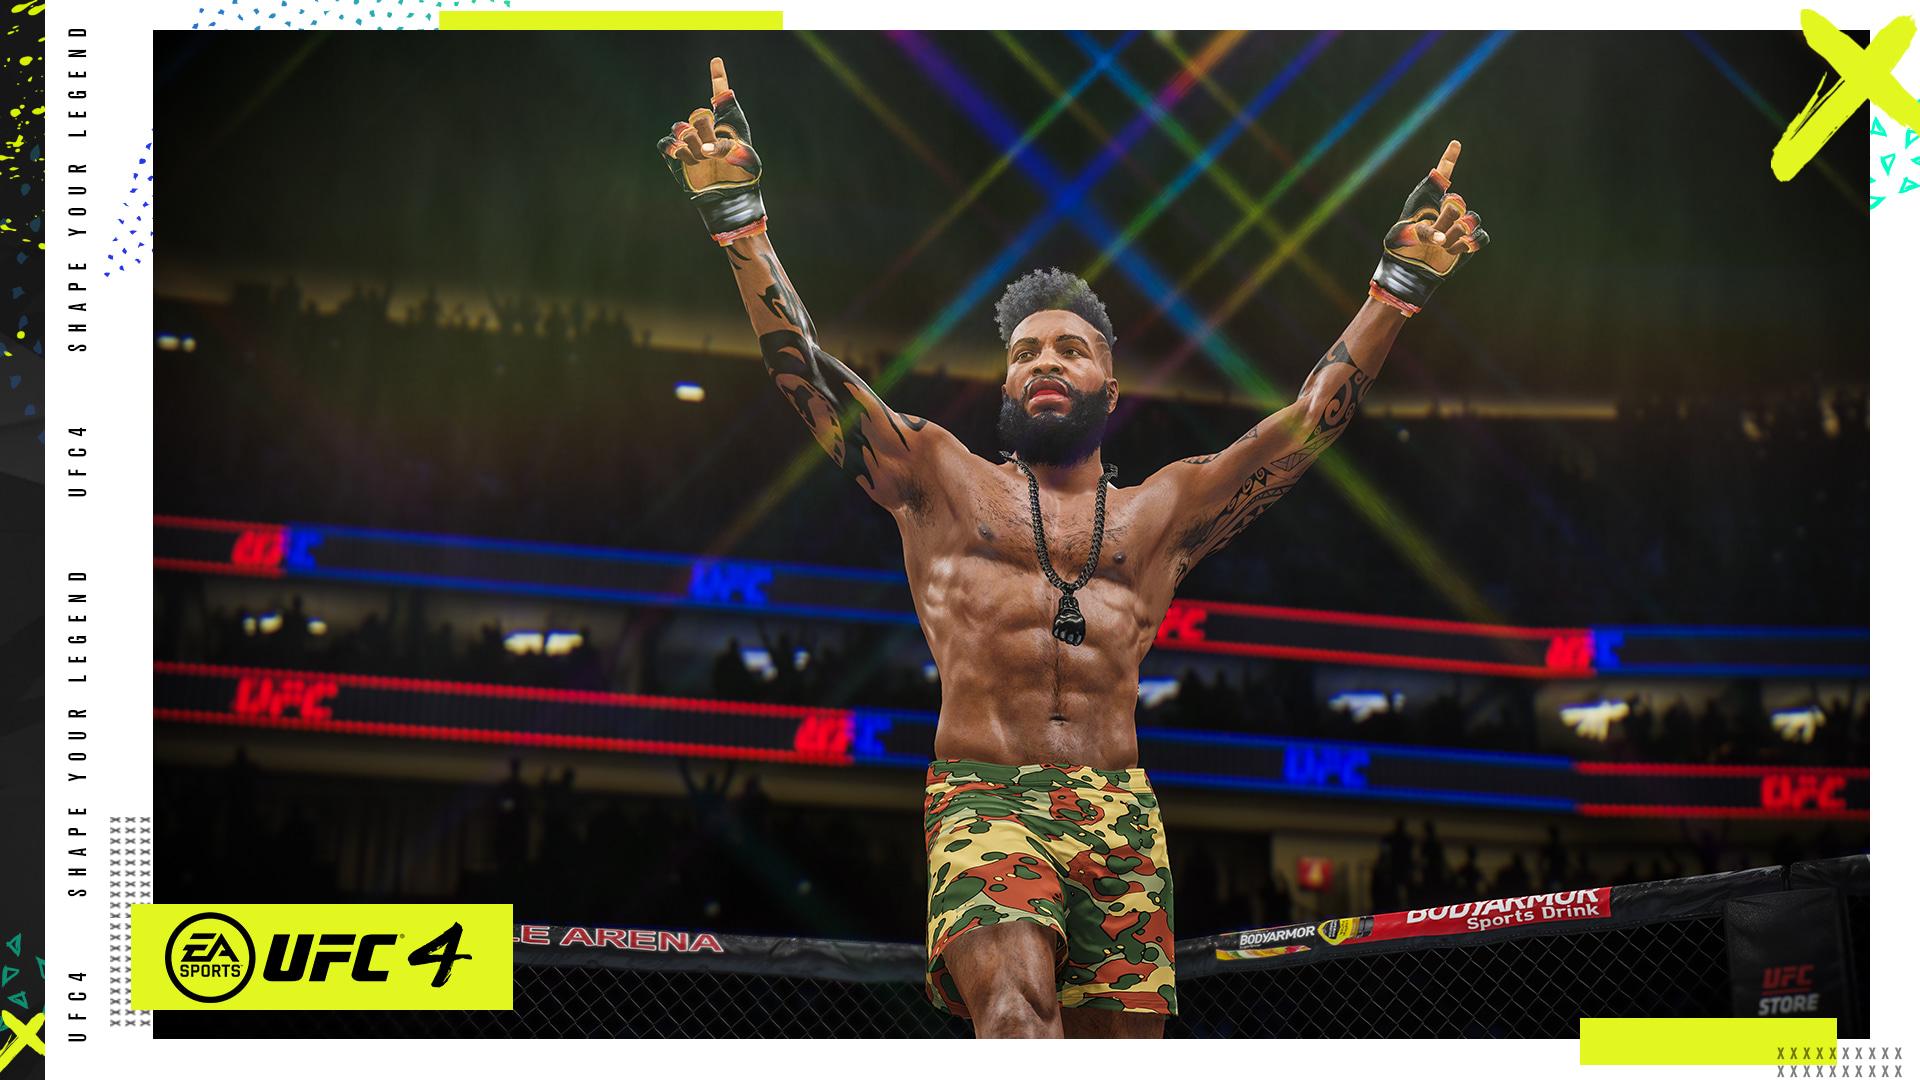 @ EA Sports, pressakey.com